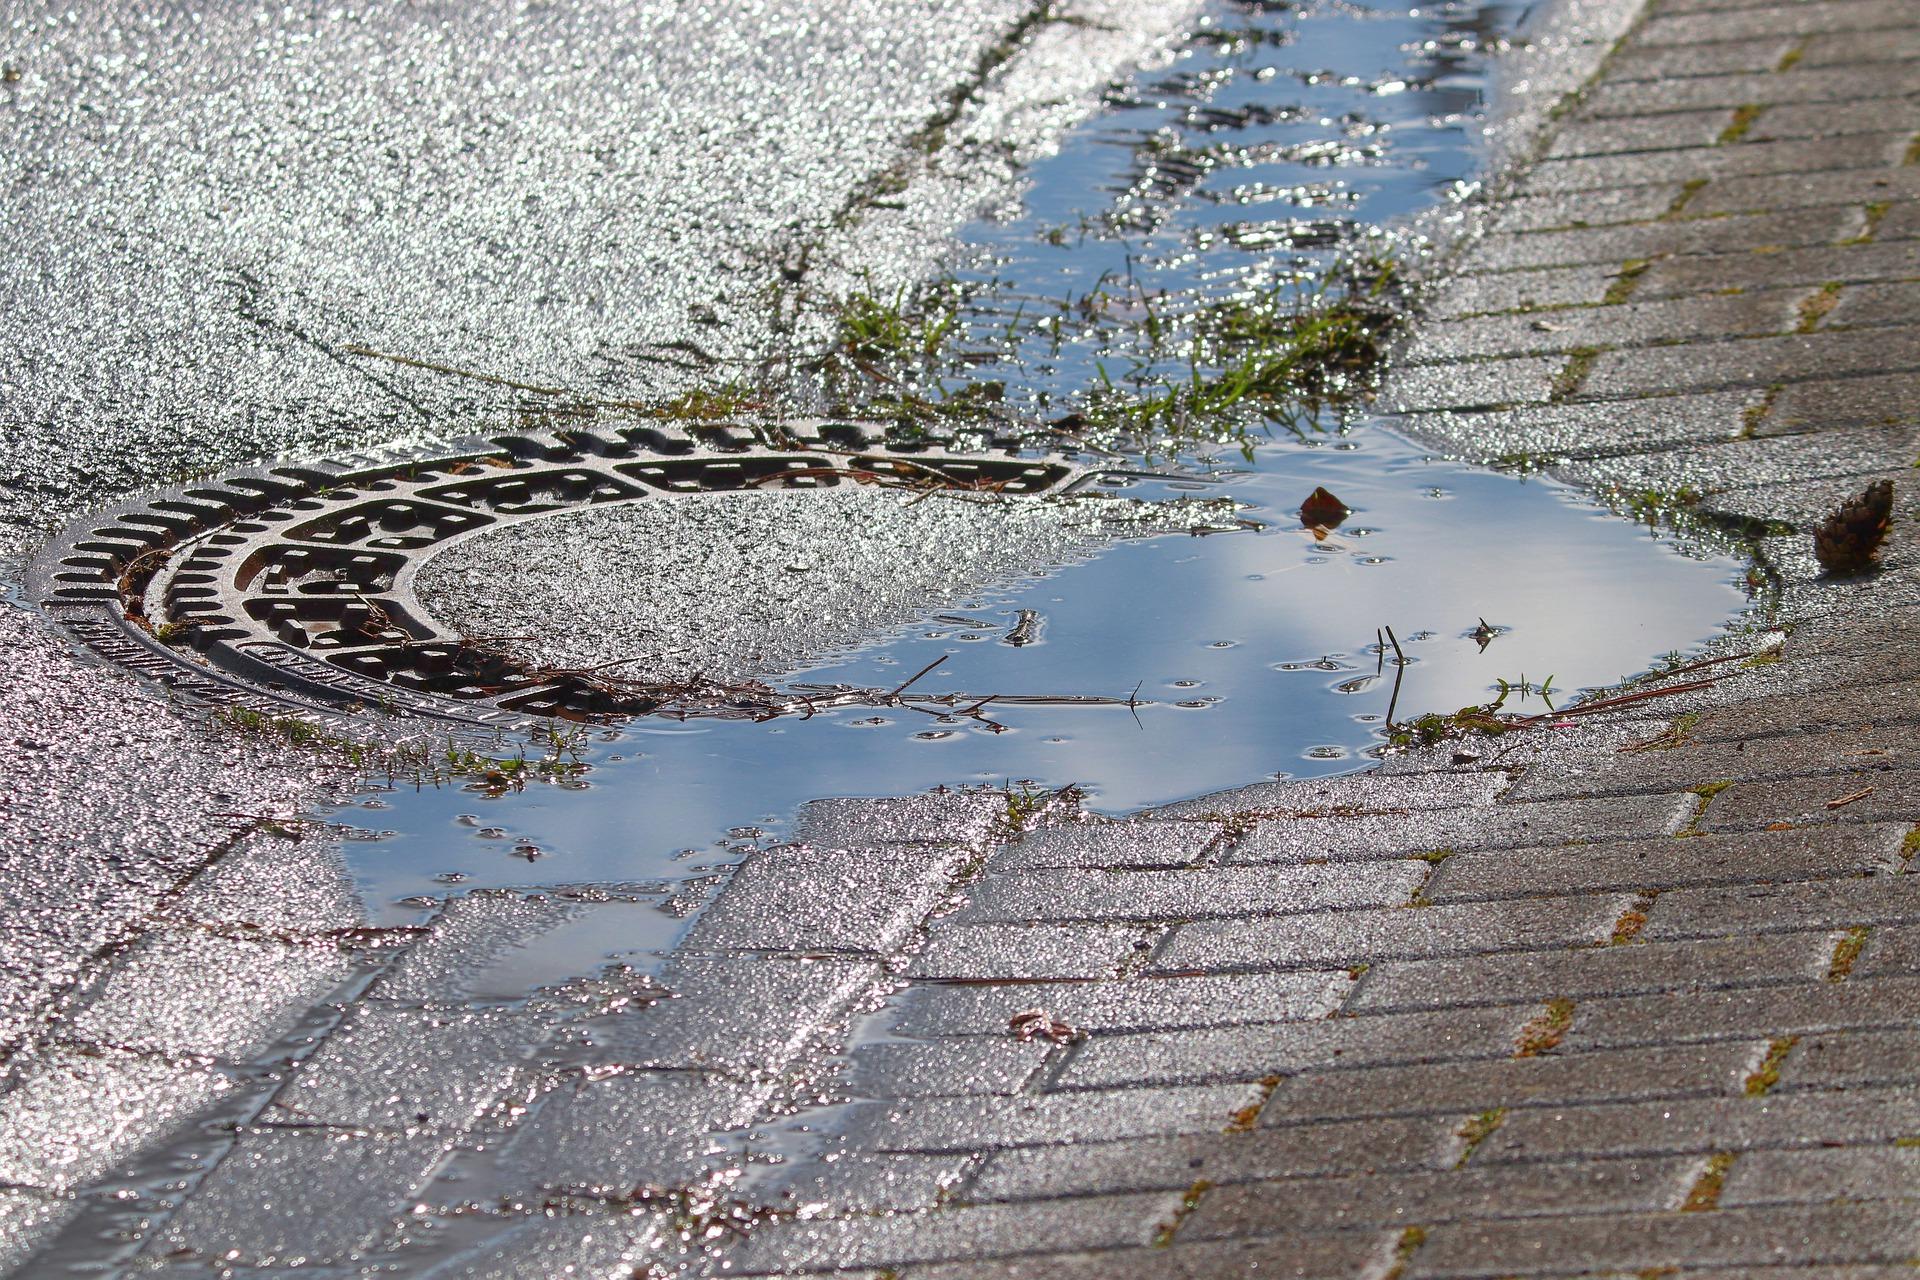 Regenwasser fließt in Gullideckel